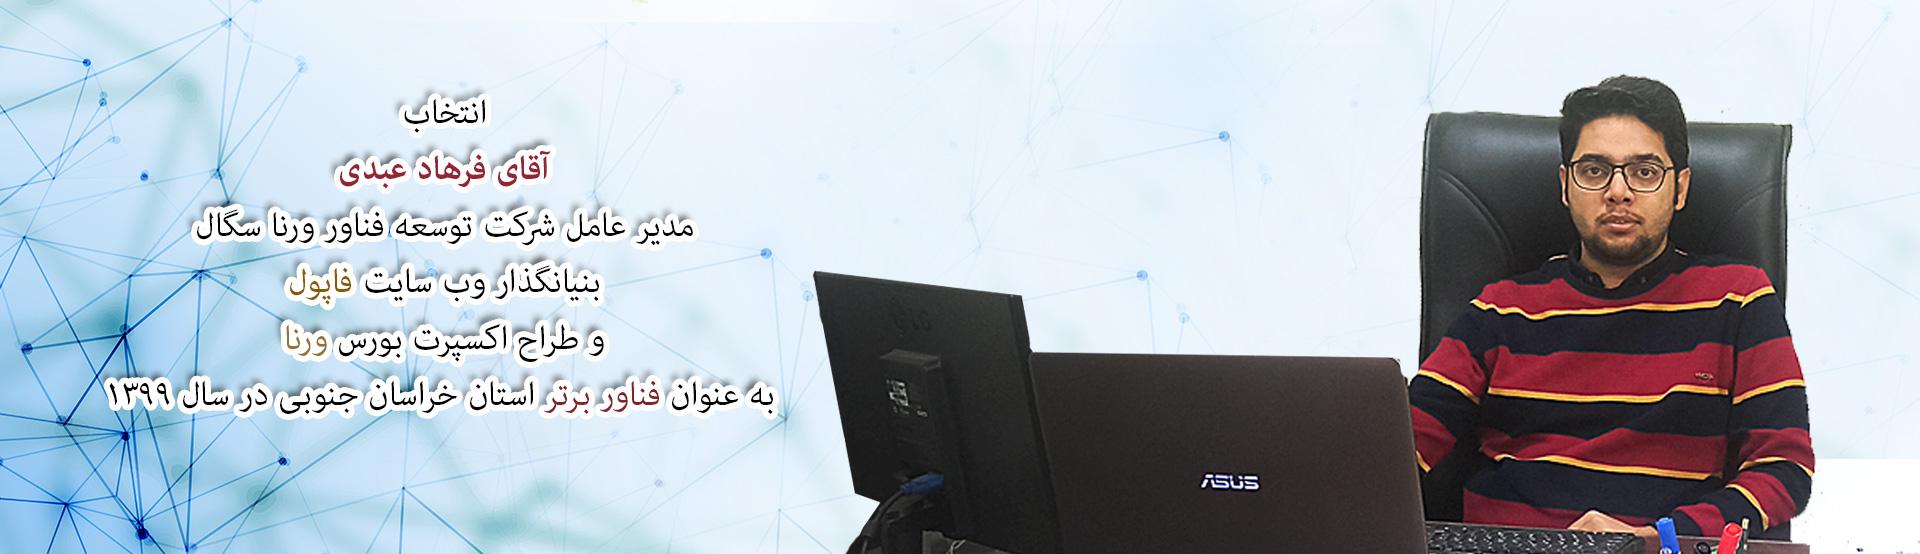 انتخاب مدیرعامل شرکت توسعه فناور ورنا سگال بعنوان فناور برتر استان خراسان جنوبی در سال 1399